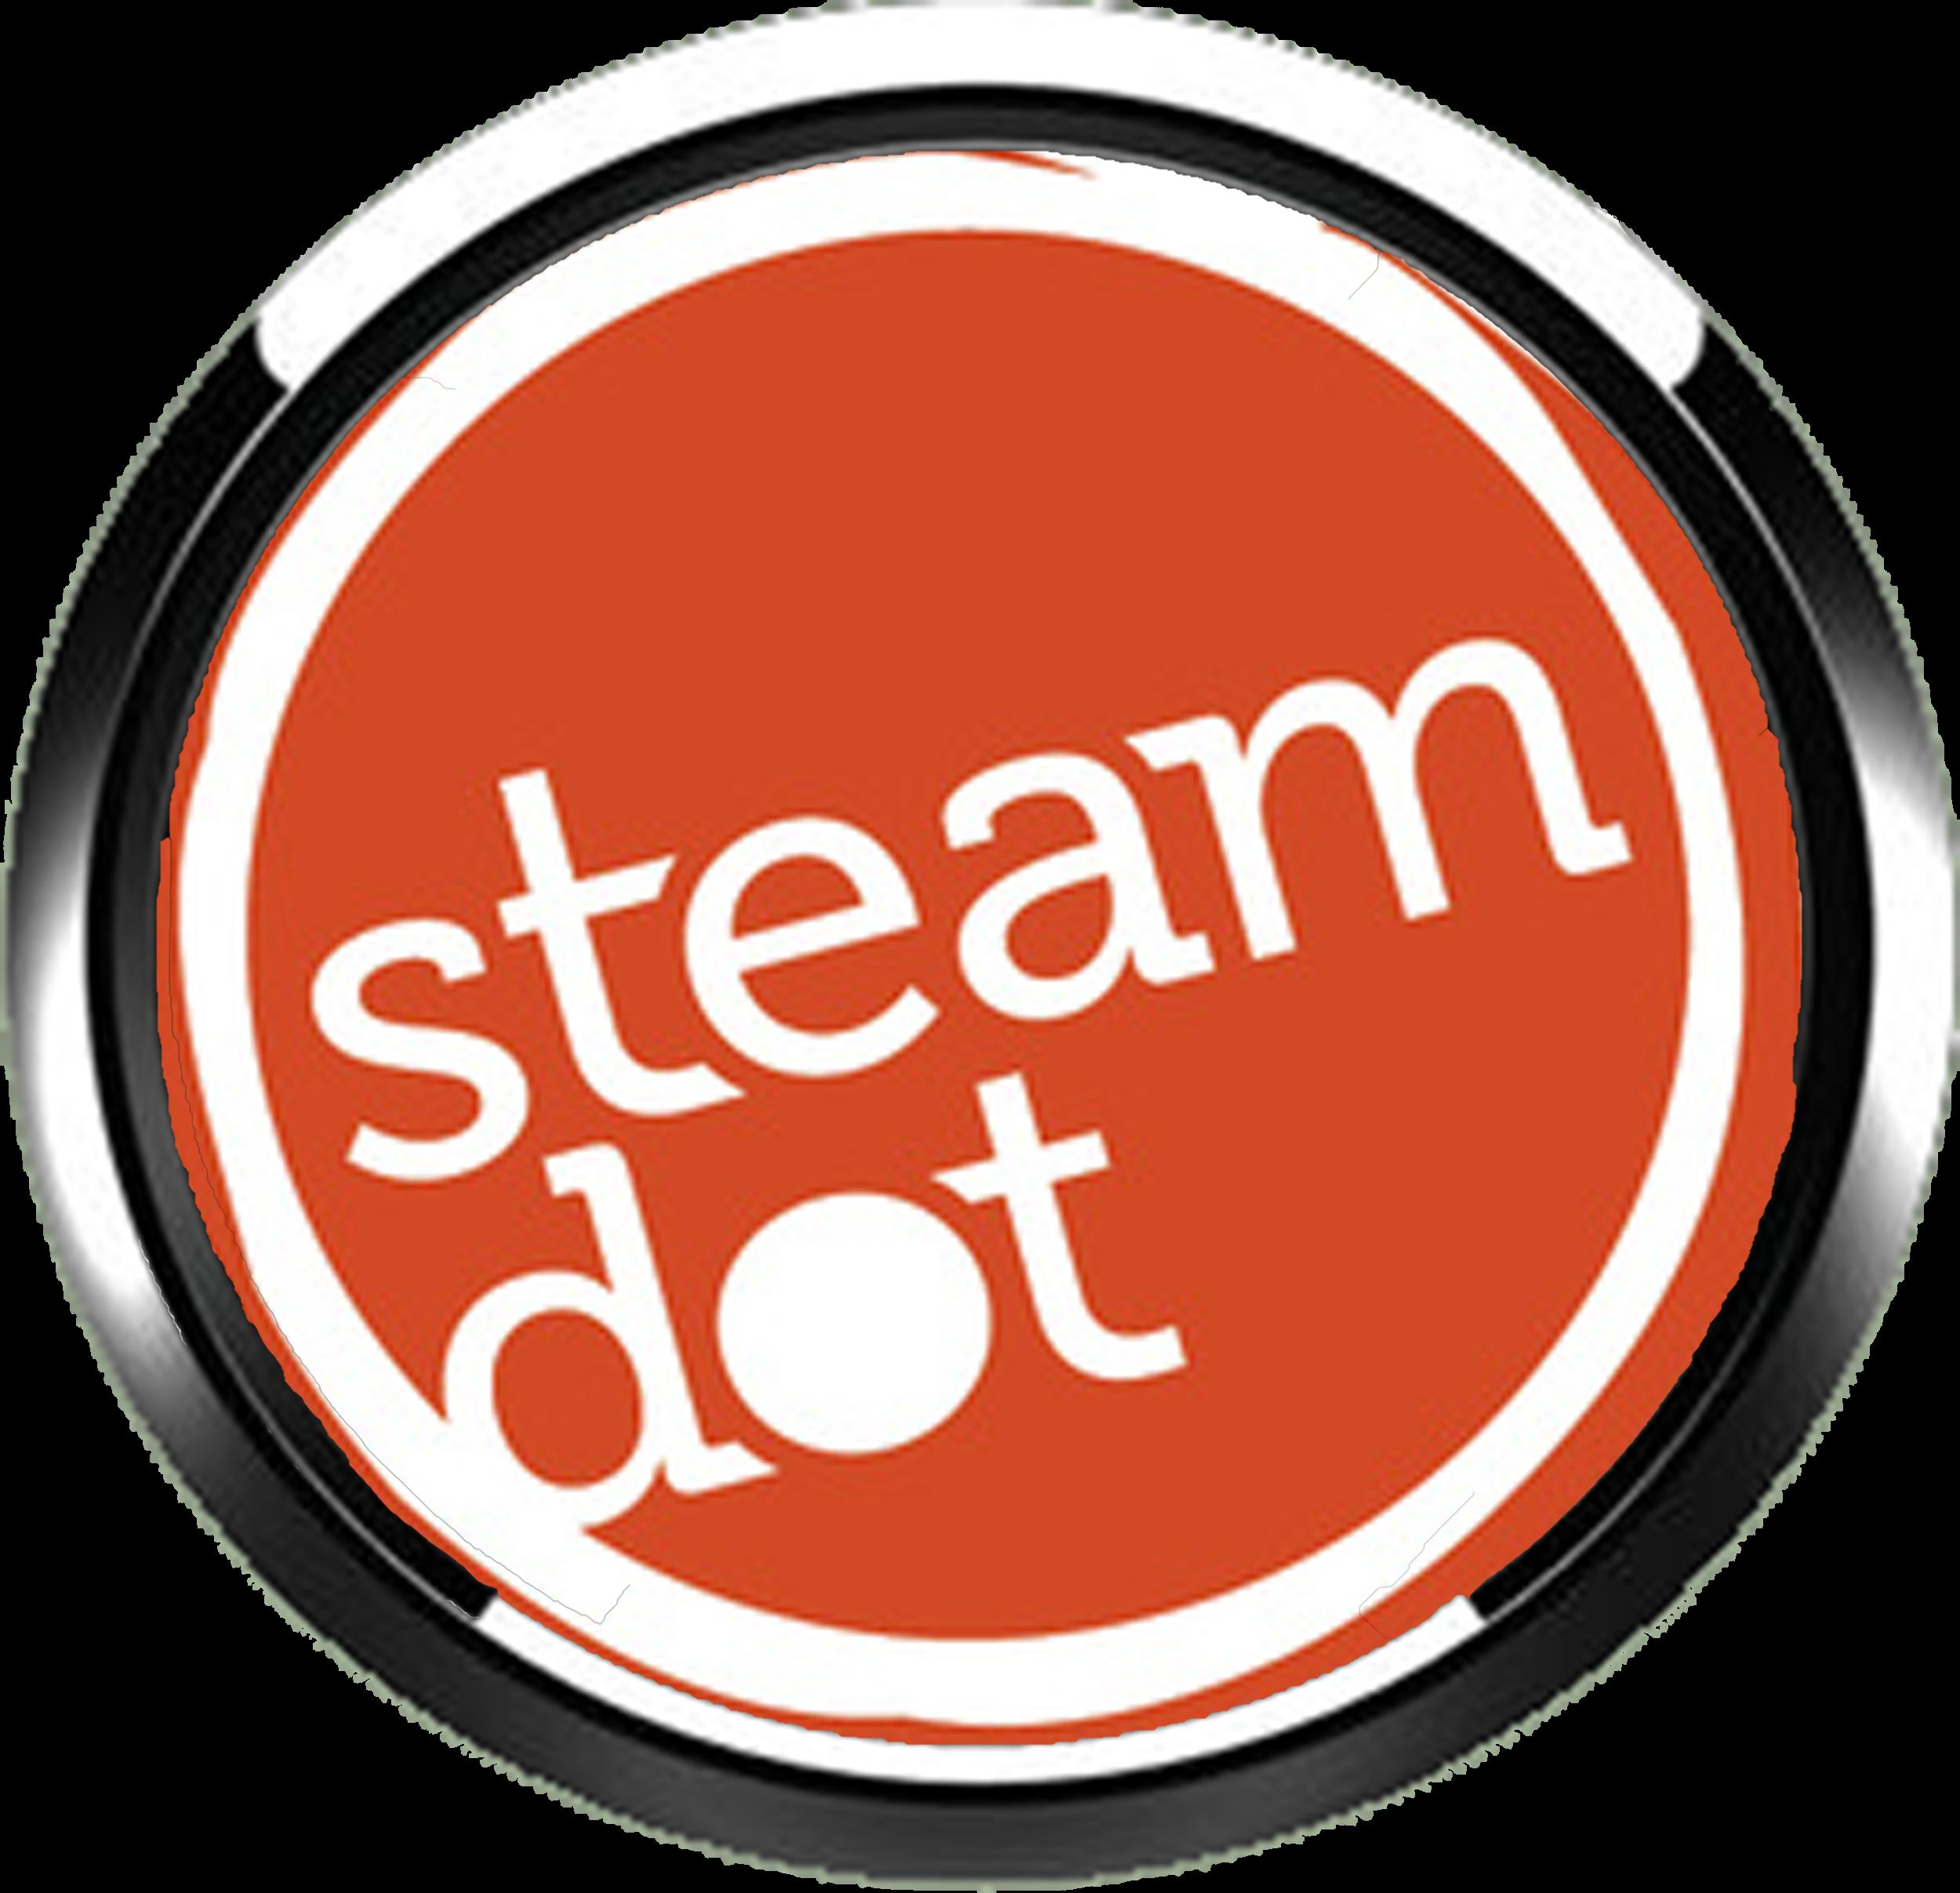 Steamdot badge.png